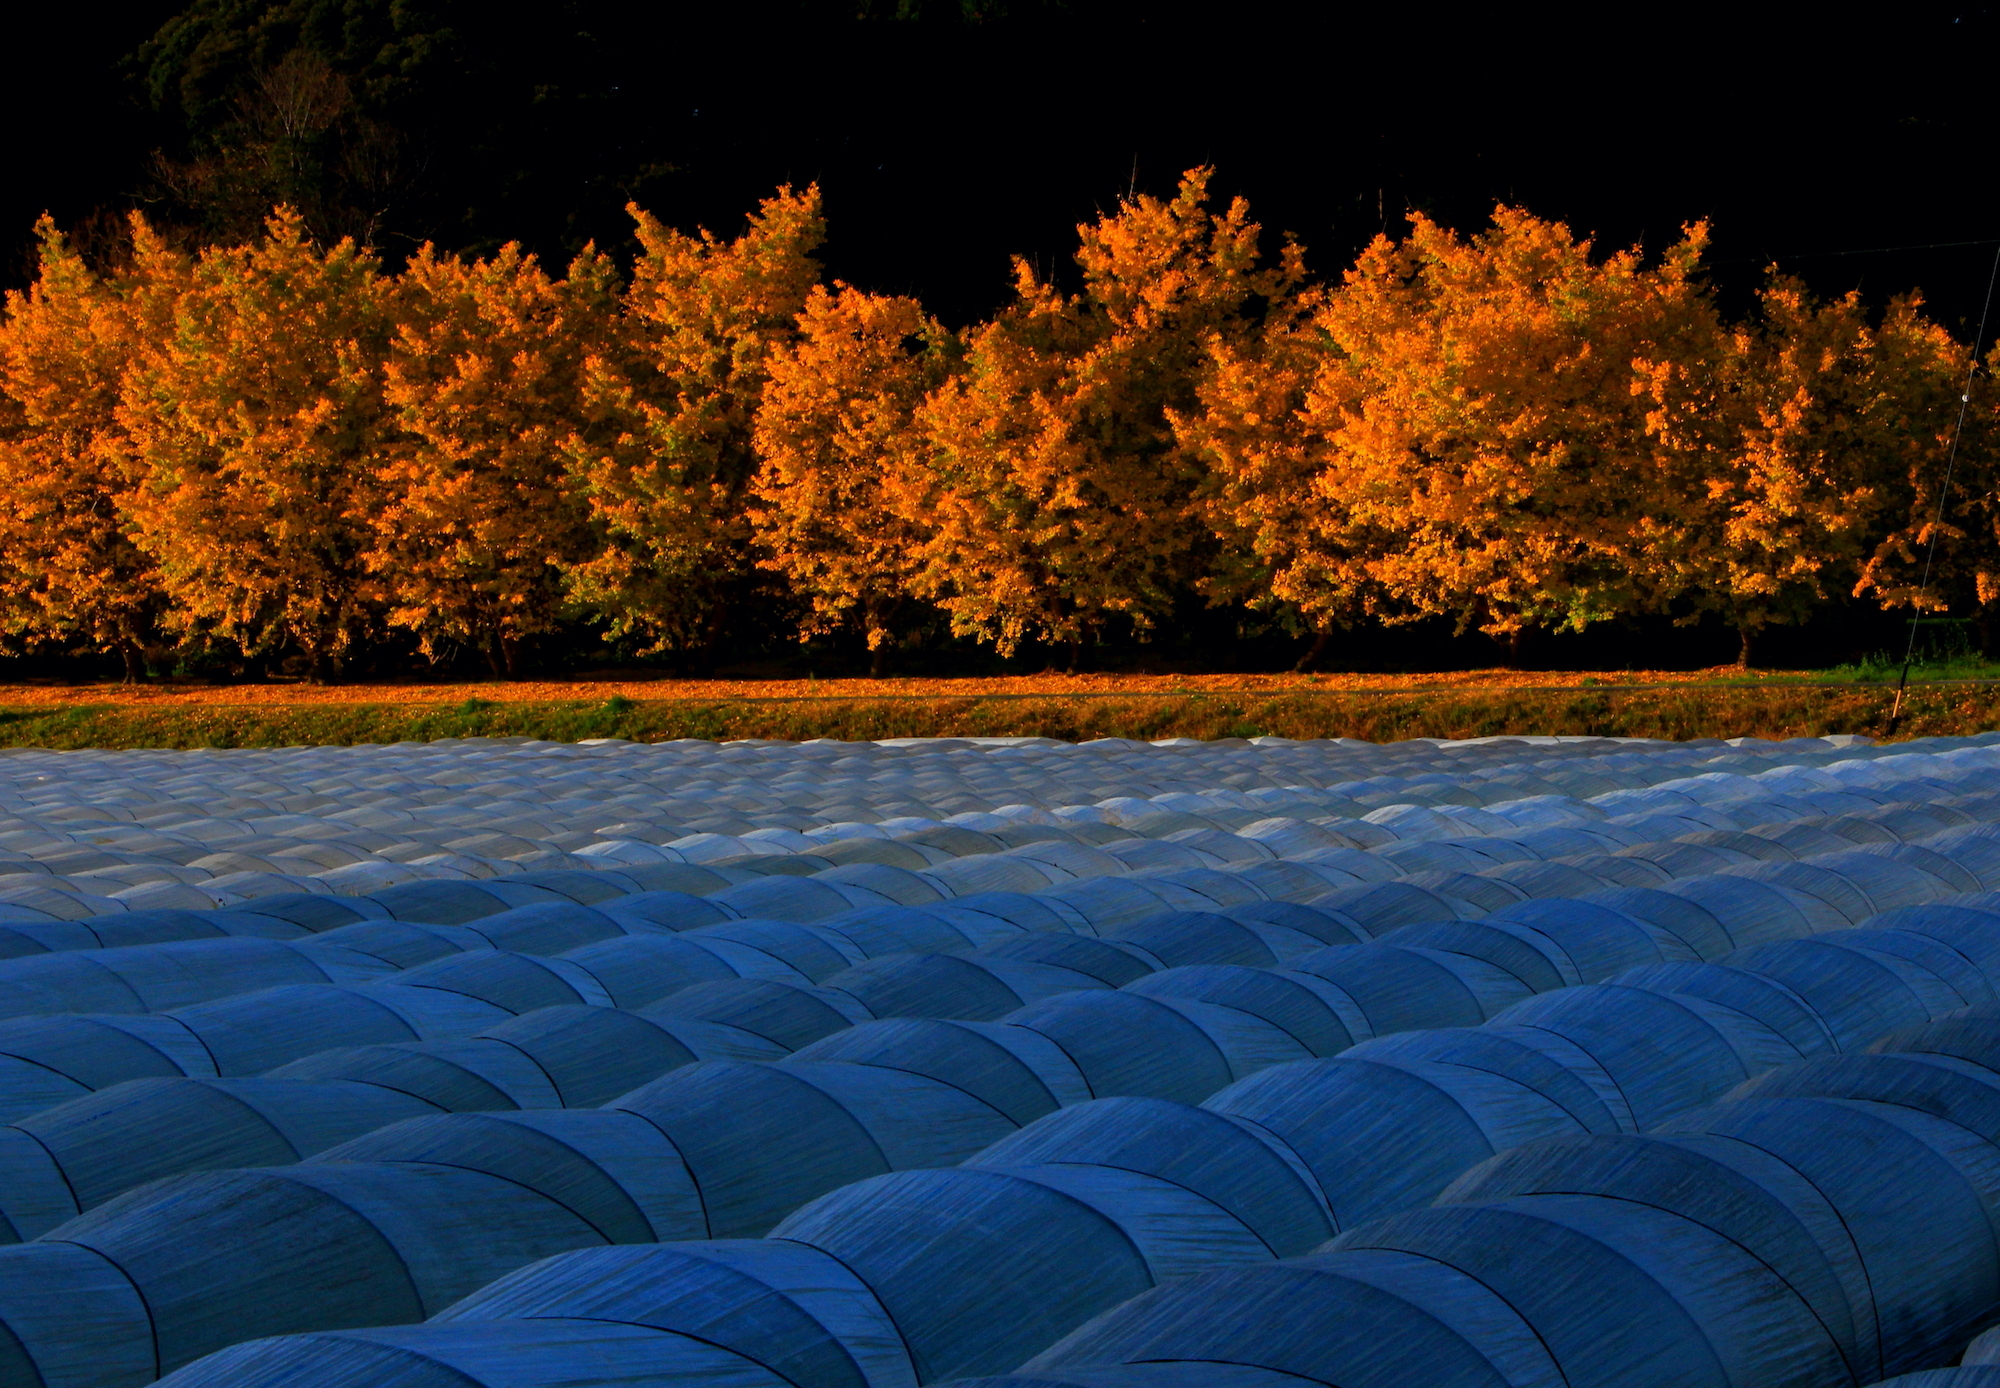 銀杏林とレタス畑の朝